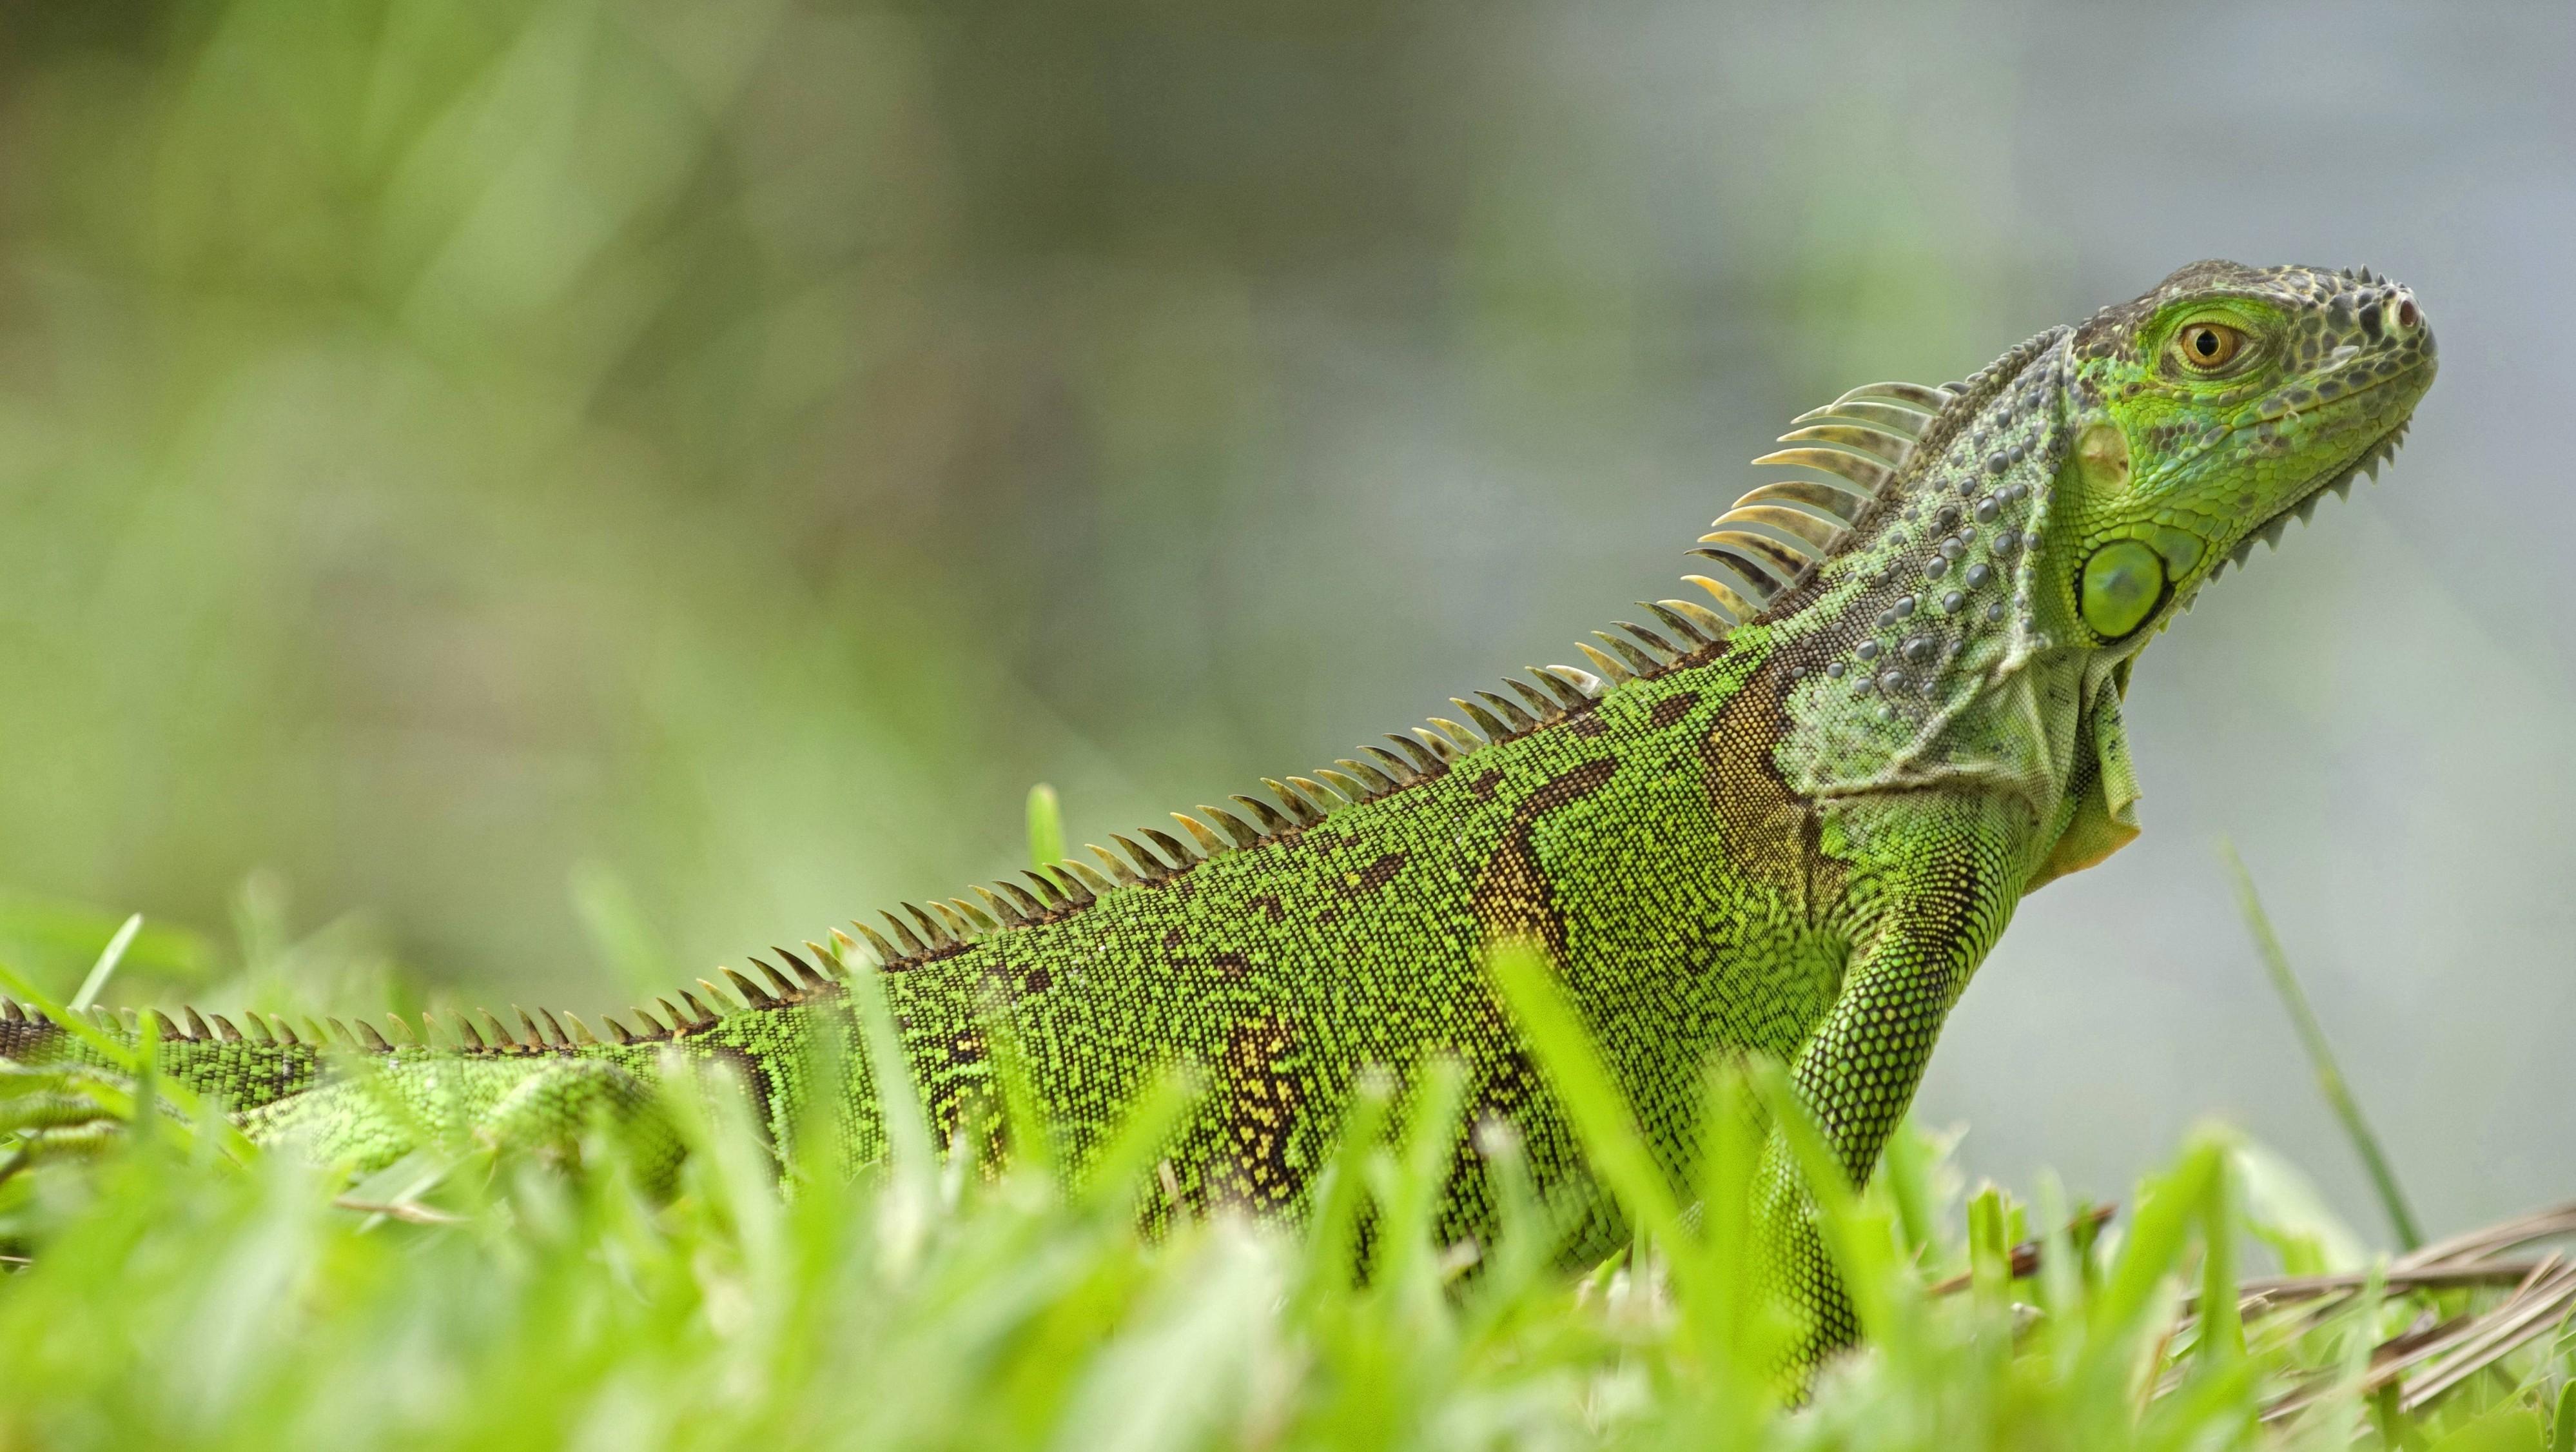 Wetter: Warum in Florida auf einmal Leguane herabstürzen